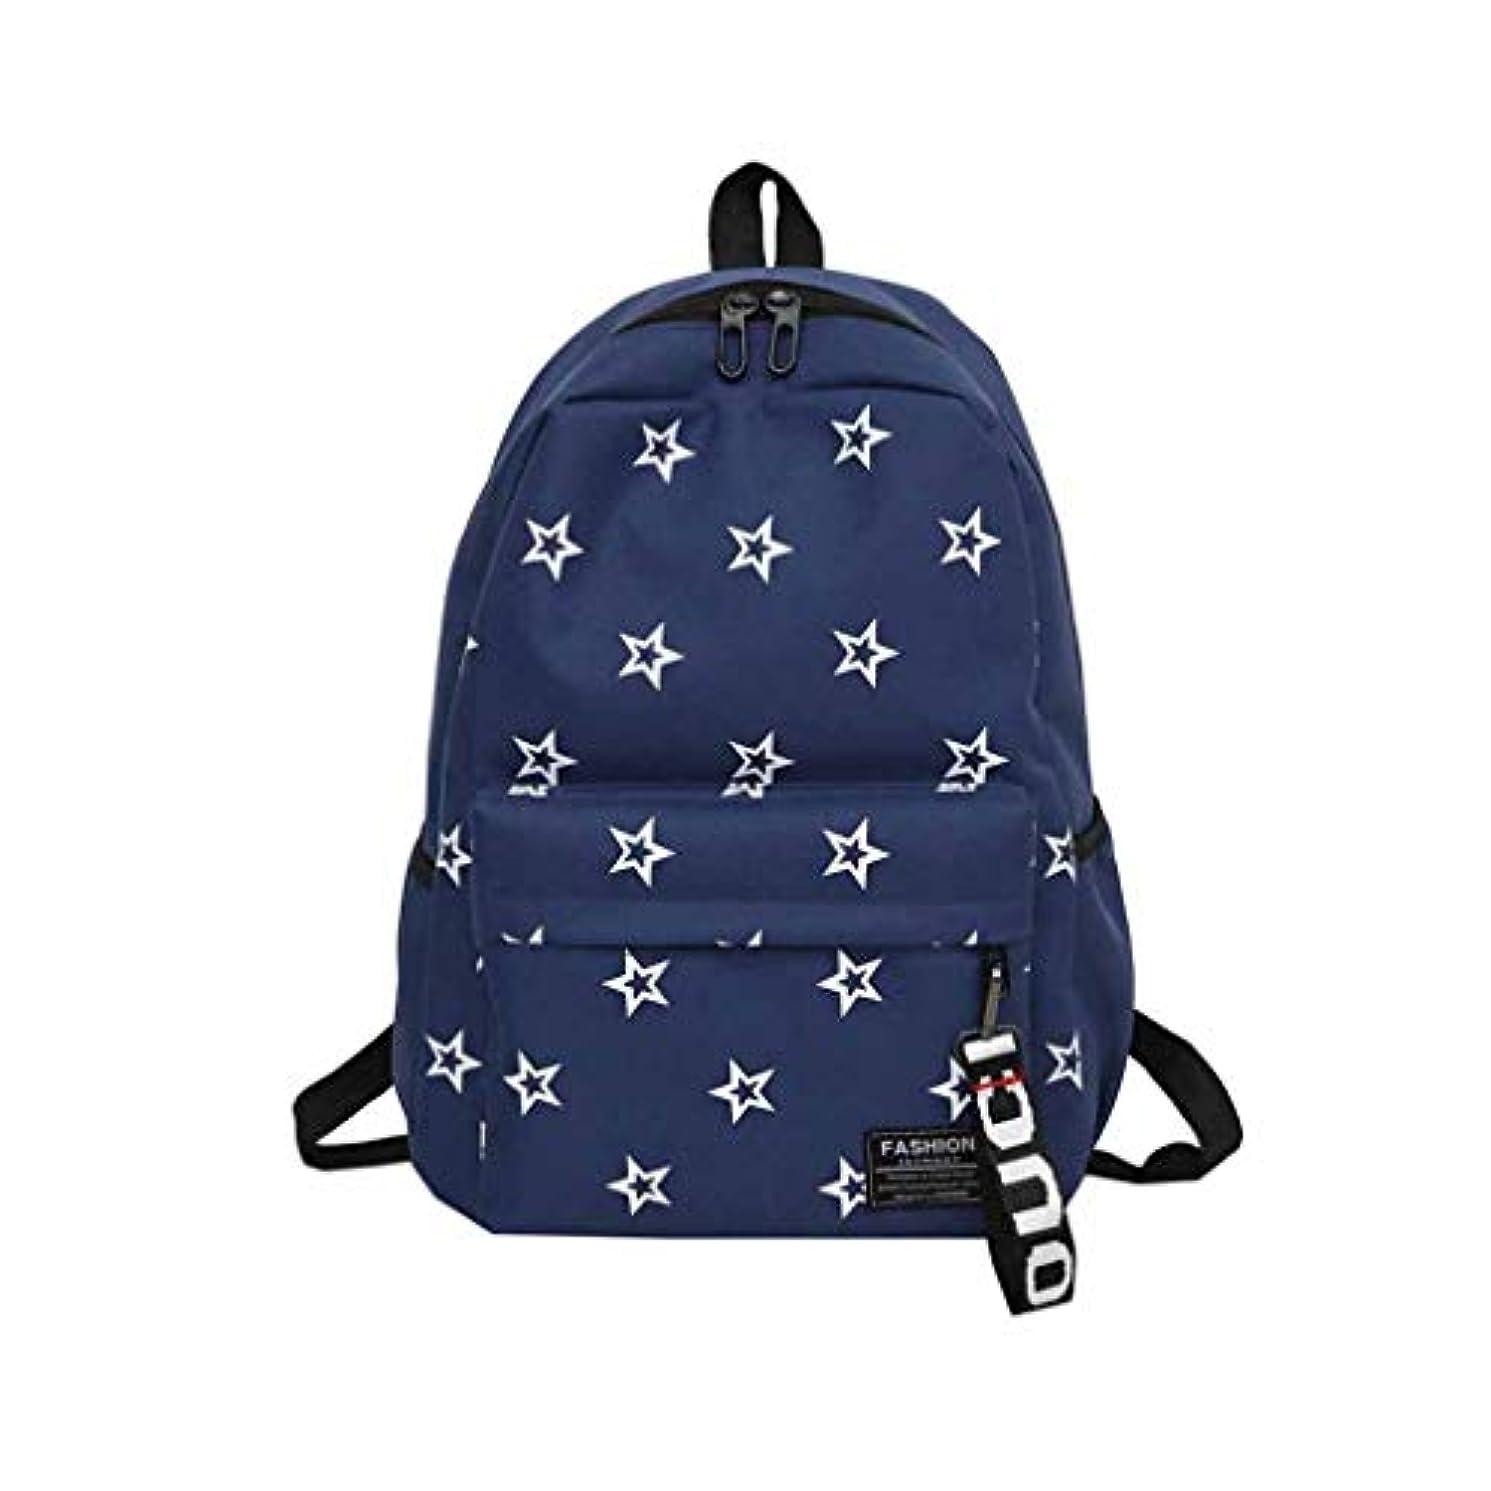 哺乳類和らげるキャメル女の子星柄可愛いレジャーバッグ高校生 旅行 登山 通勤 大人 大容量 小学生通学遠足リュックシンプル防水おしゃれバックパック人気バックパック